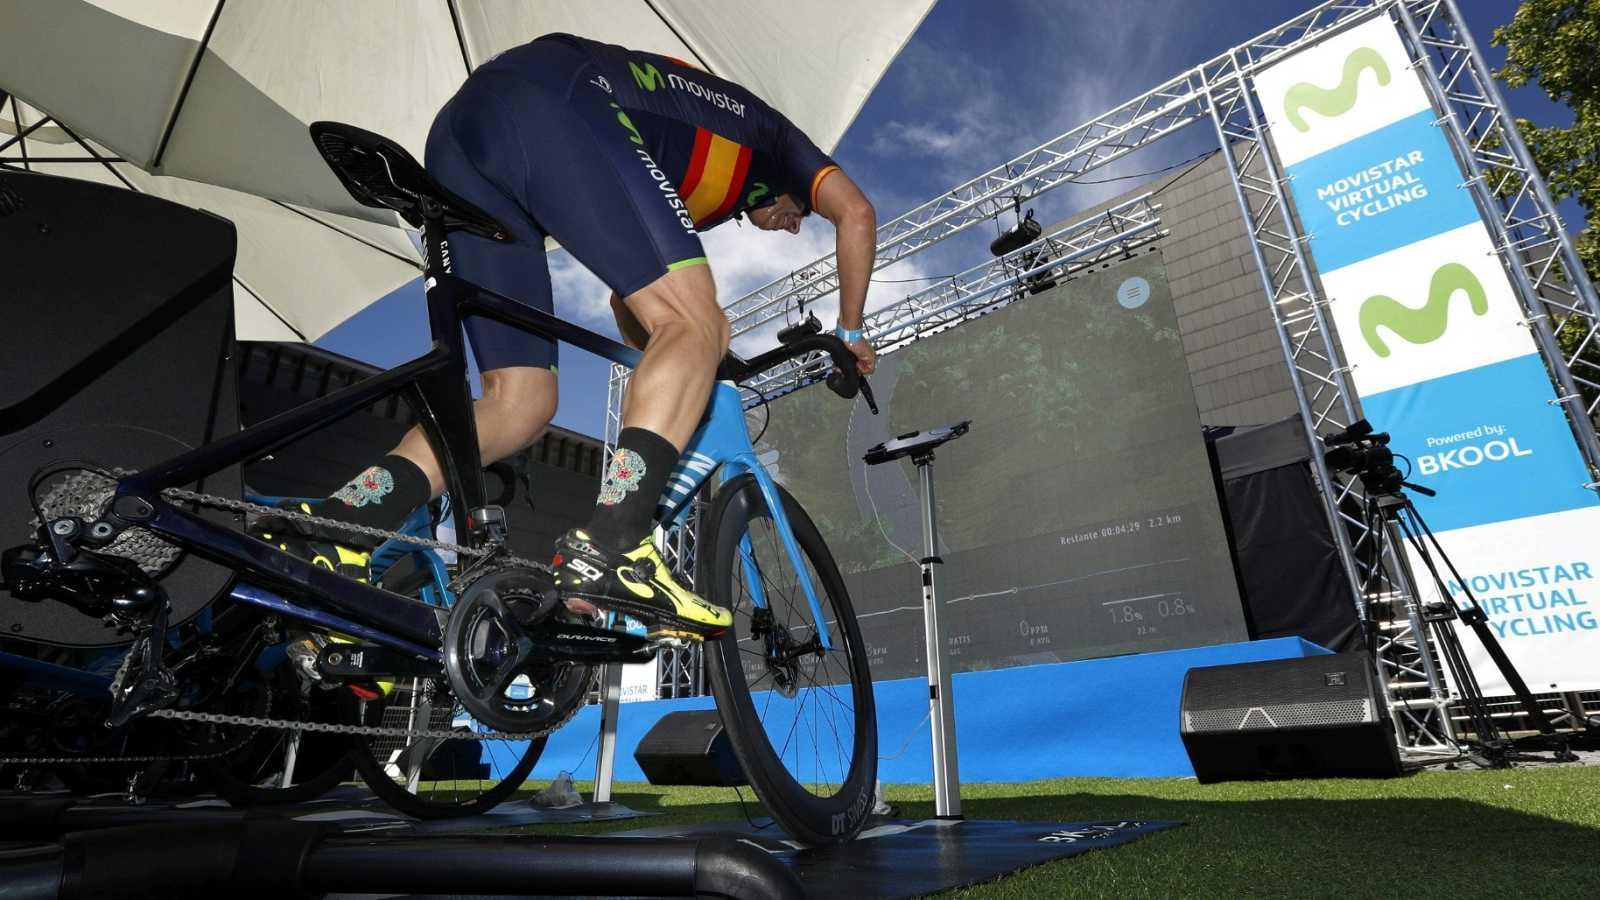 Un participante pedalea en un simulador durante la segunda prueba Endurence de Movistar Virtual Cycling del campeonato del mundo con bicicleta y rodillo con tecnología Bkool